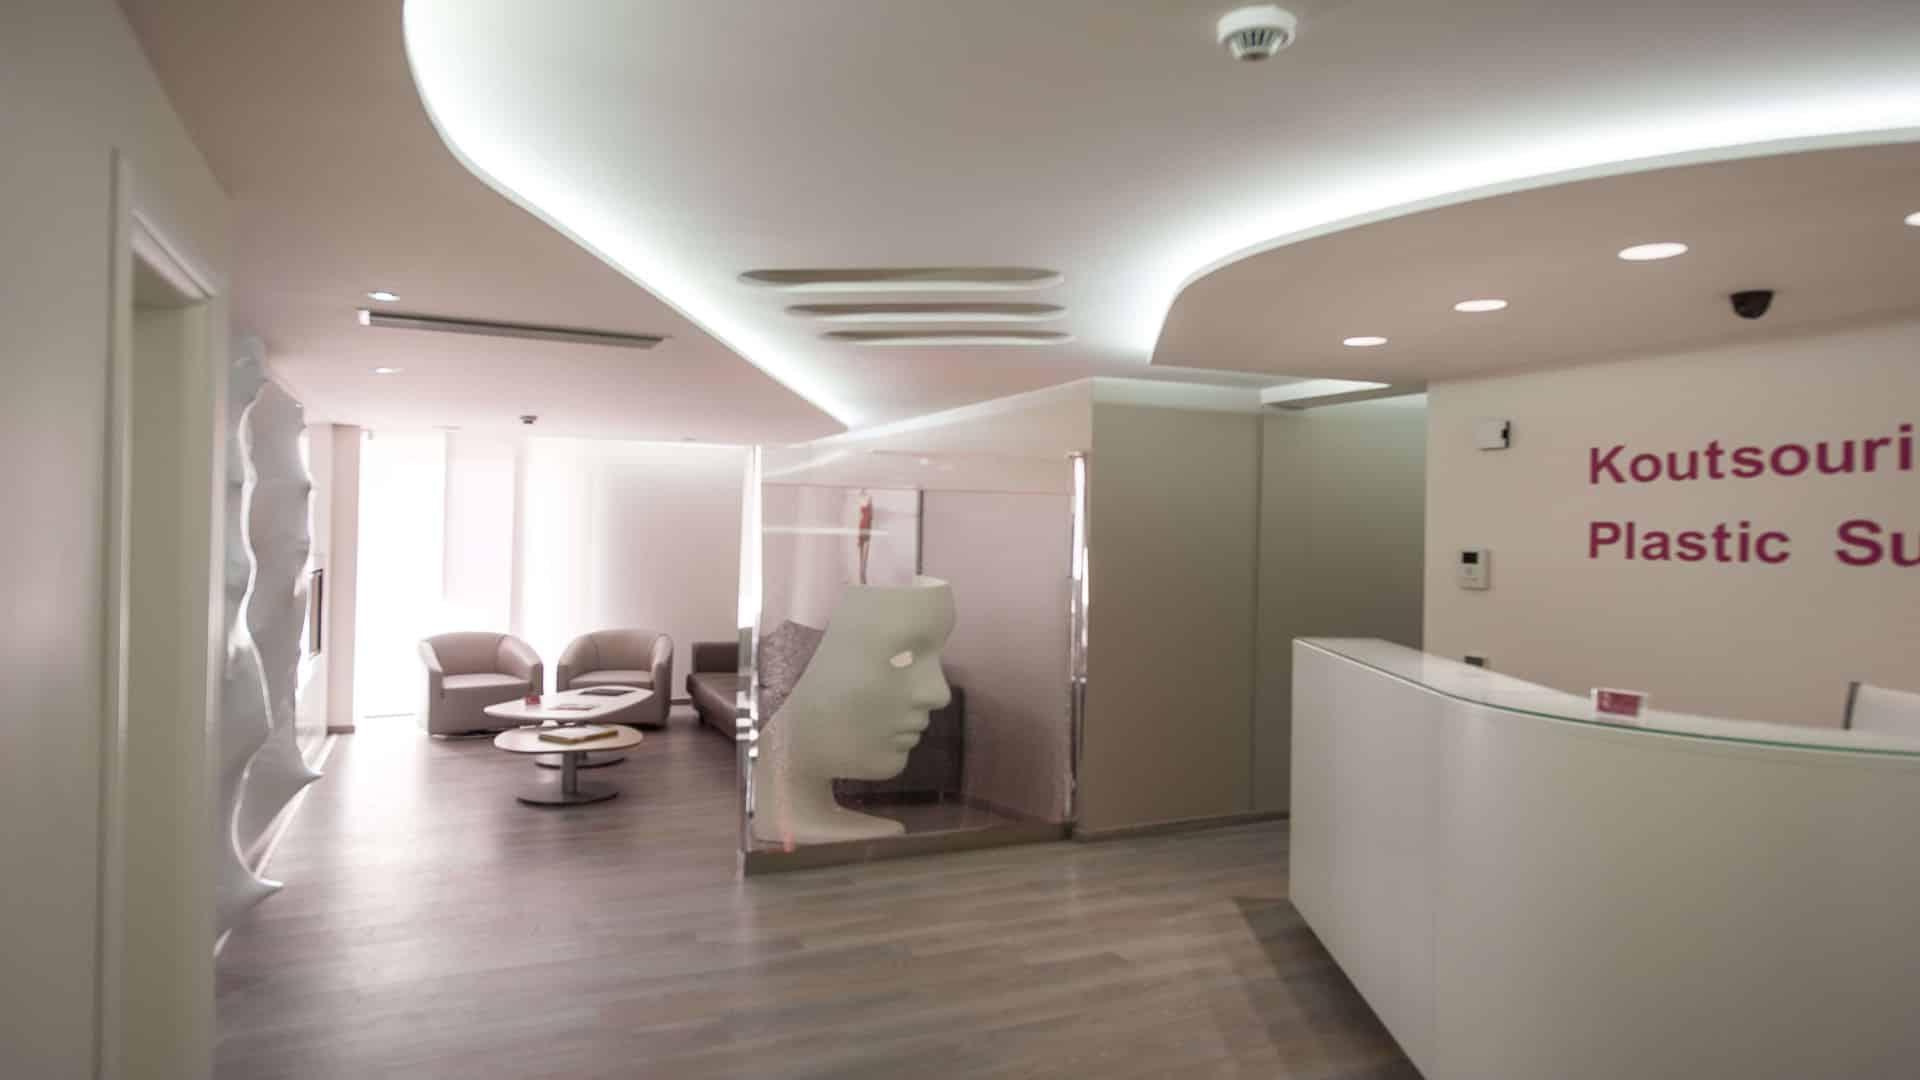 Επίπλωση Ιατρείου Πλαστικής Χειρουργικής στην Τρίπολη